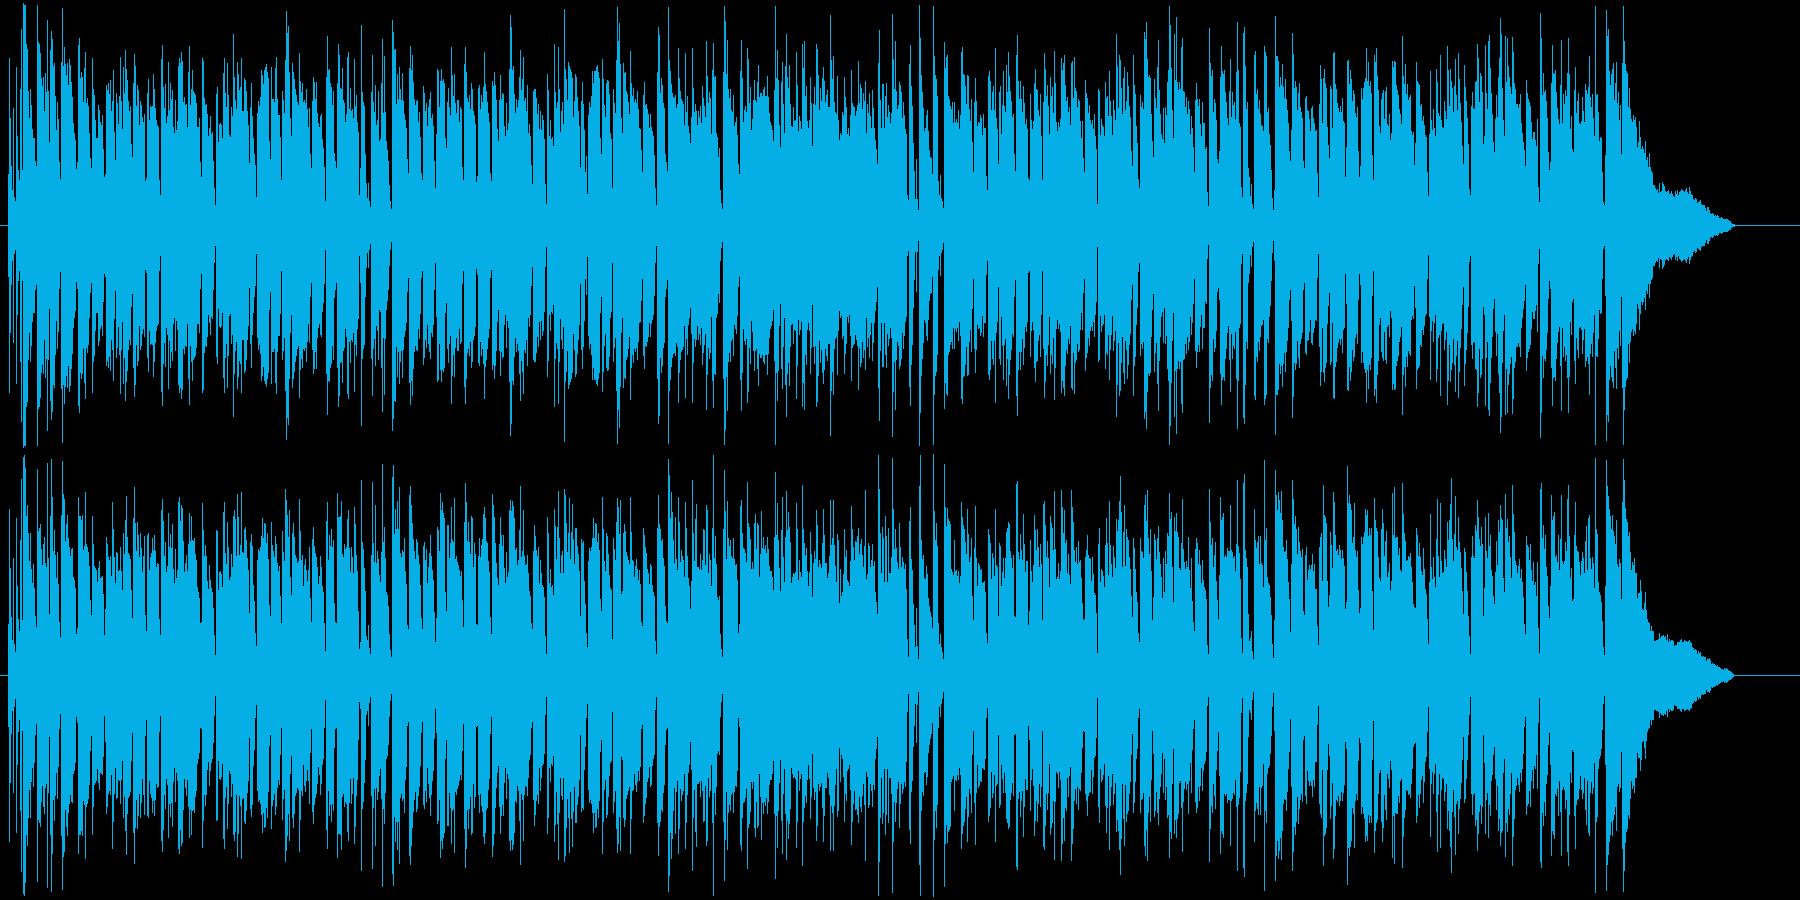 ピアノ伴奏をメインにしたジャズ風BGMの再生済みの波形